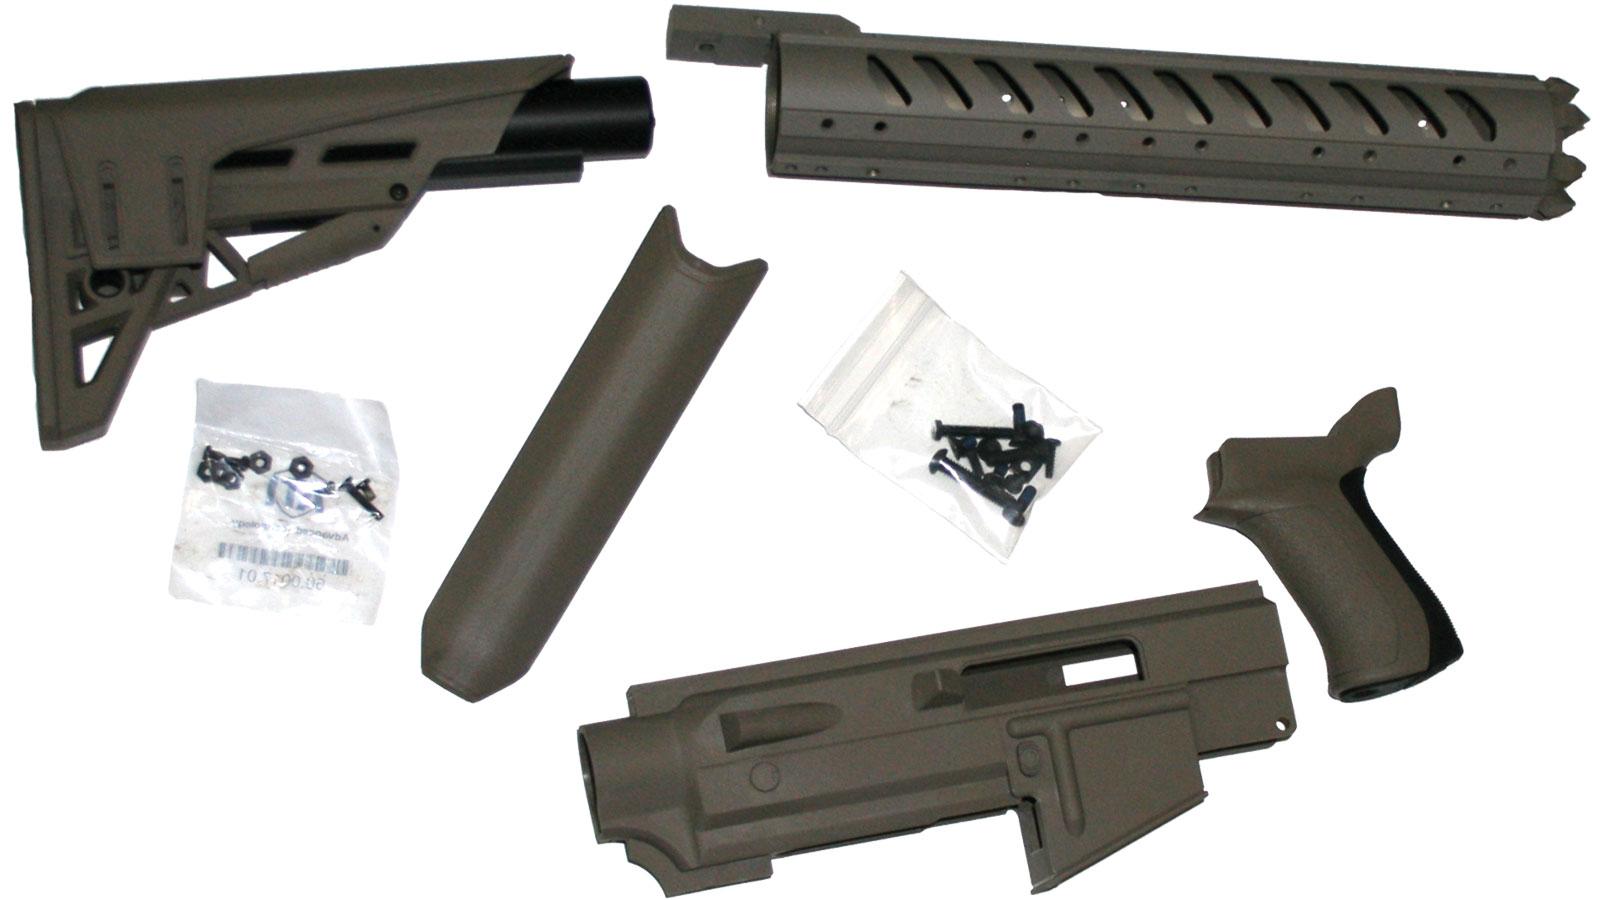 Advanced Technology AR-22 10|22 STOCK KIT FDE